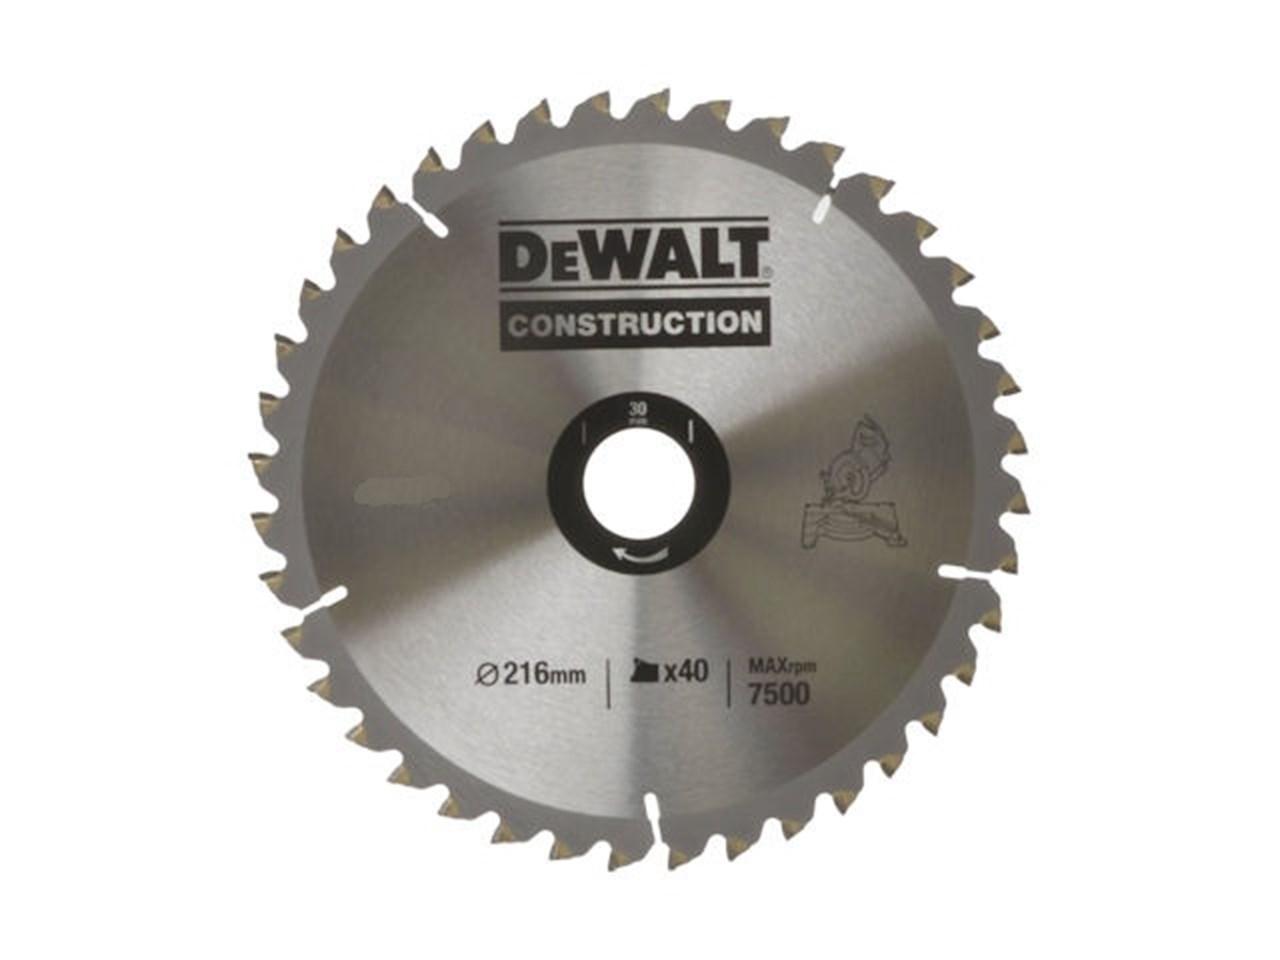 Dewalt dt1153 qz circular saw blade construction 190 x 30 x 40t greentooth Gallery